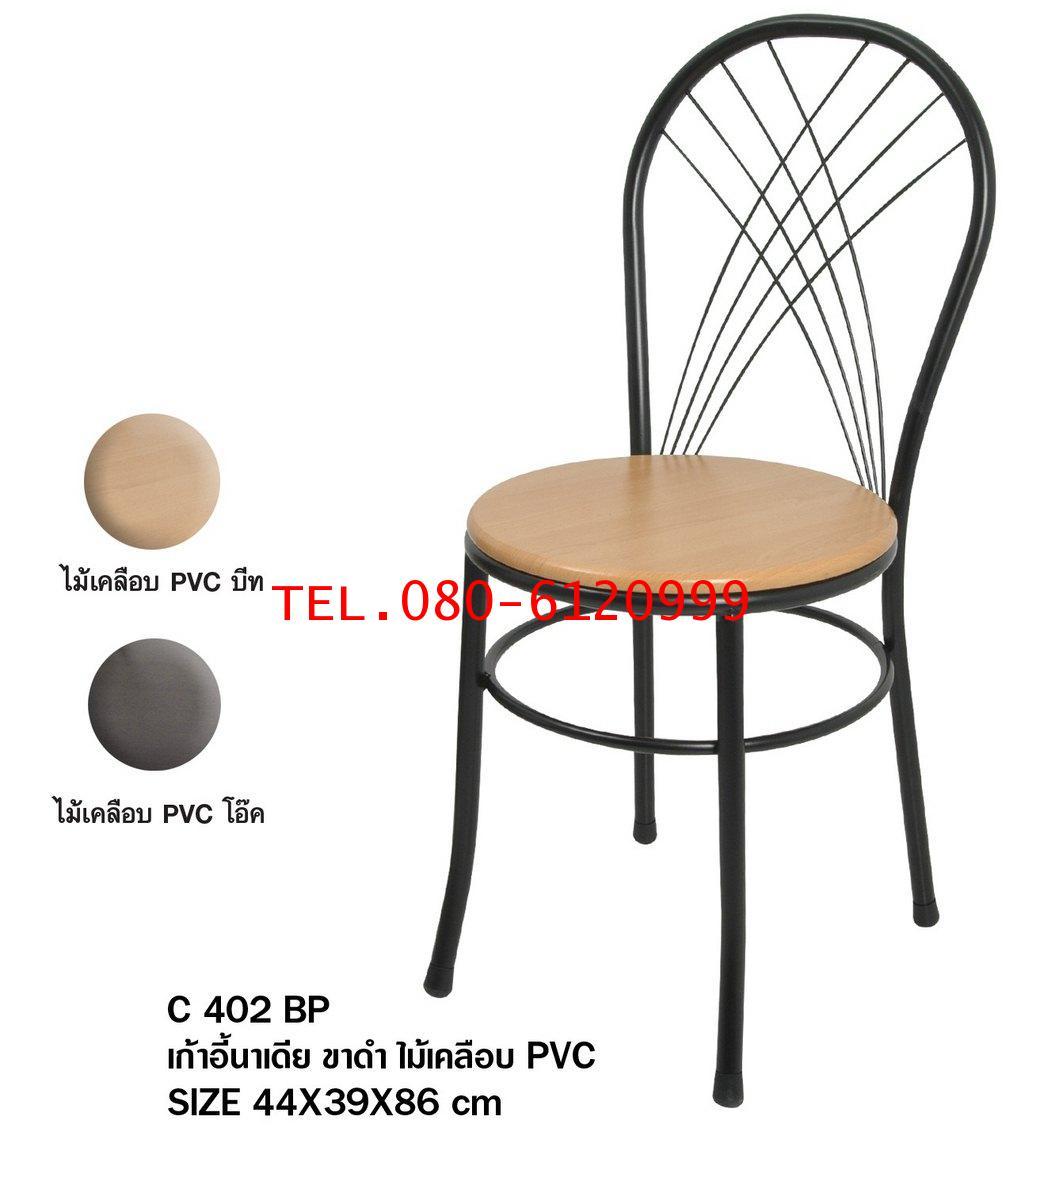 pmy29-11 เก้าอี้นาเดีย ขาดำ ไม้เคลือบ PVC